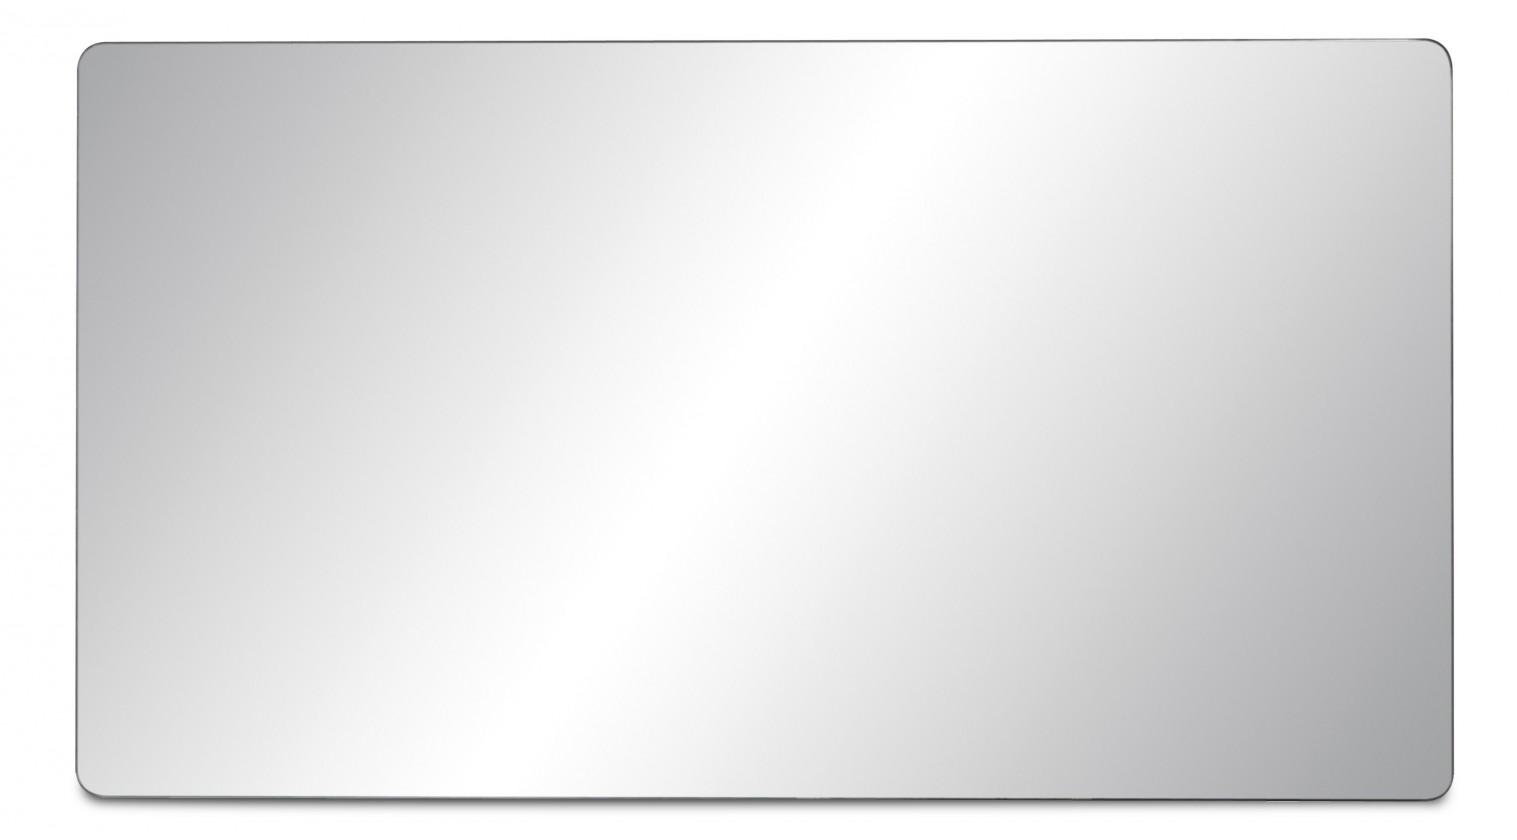 Zrcadlo GW-Momento - Zrcadlo (aluminium repro )